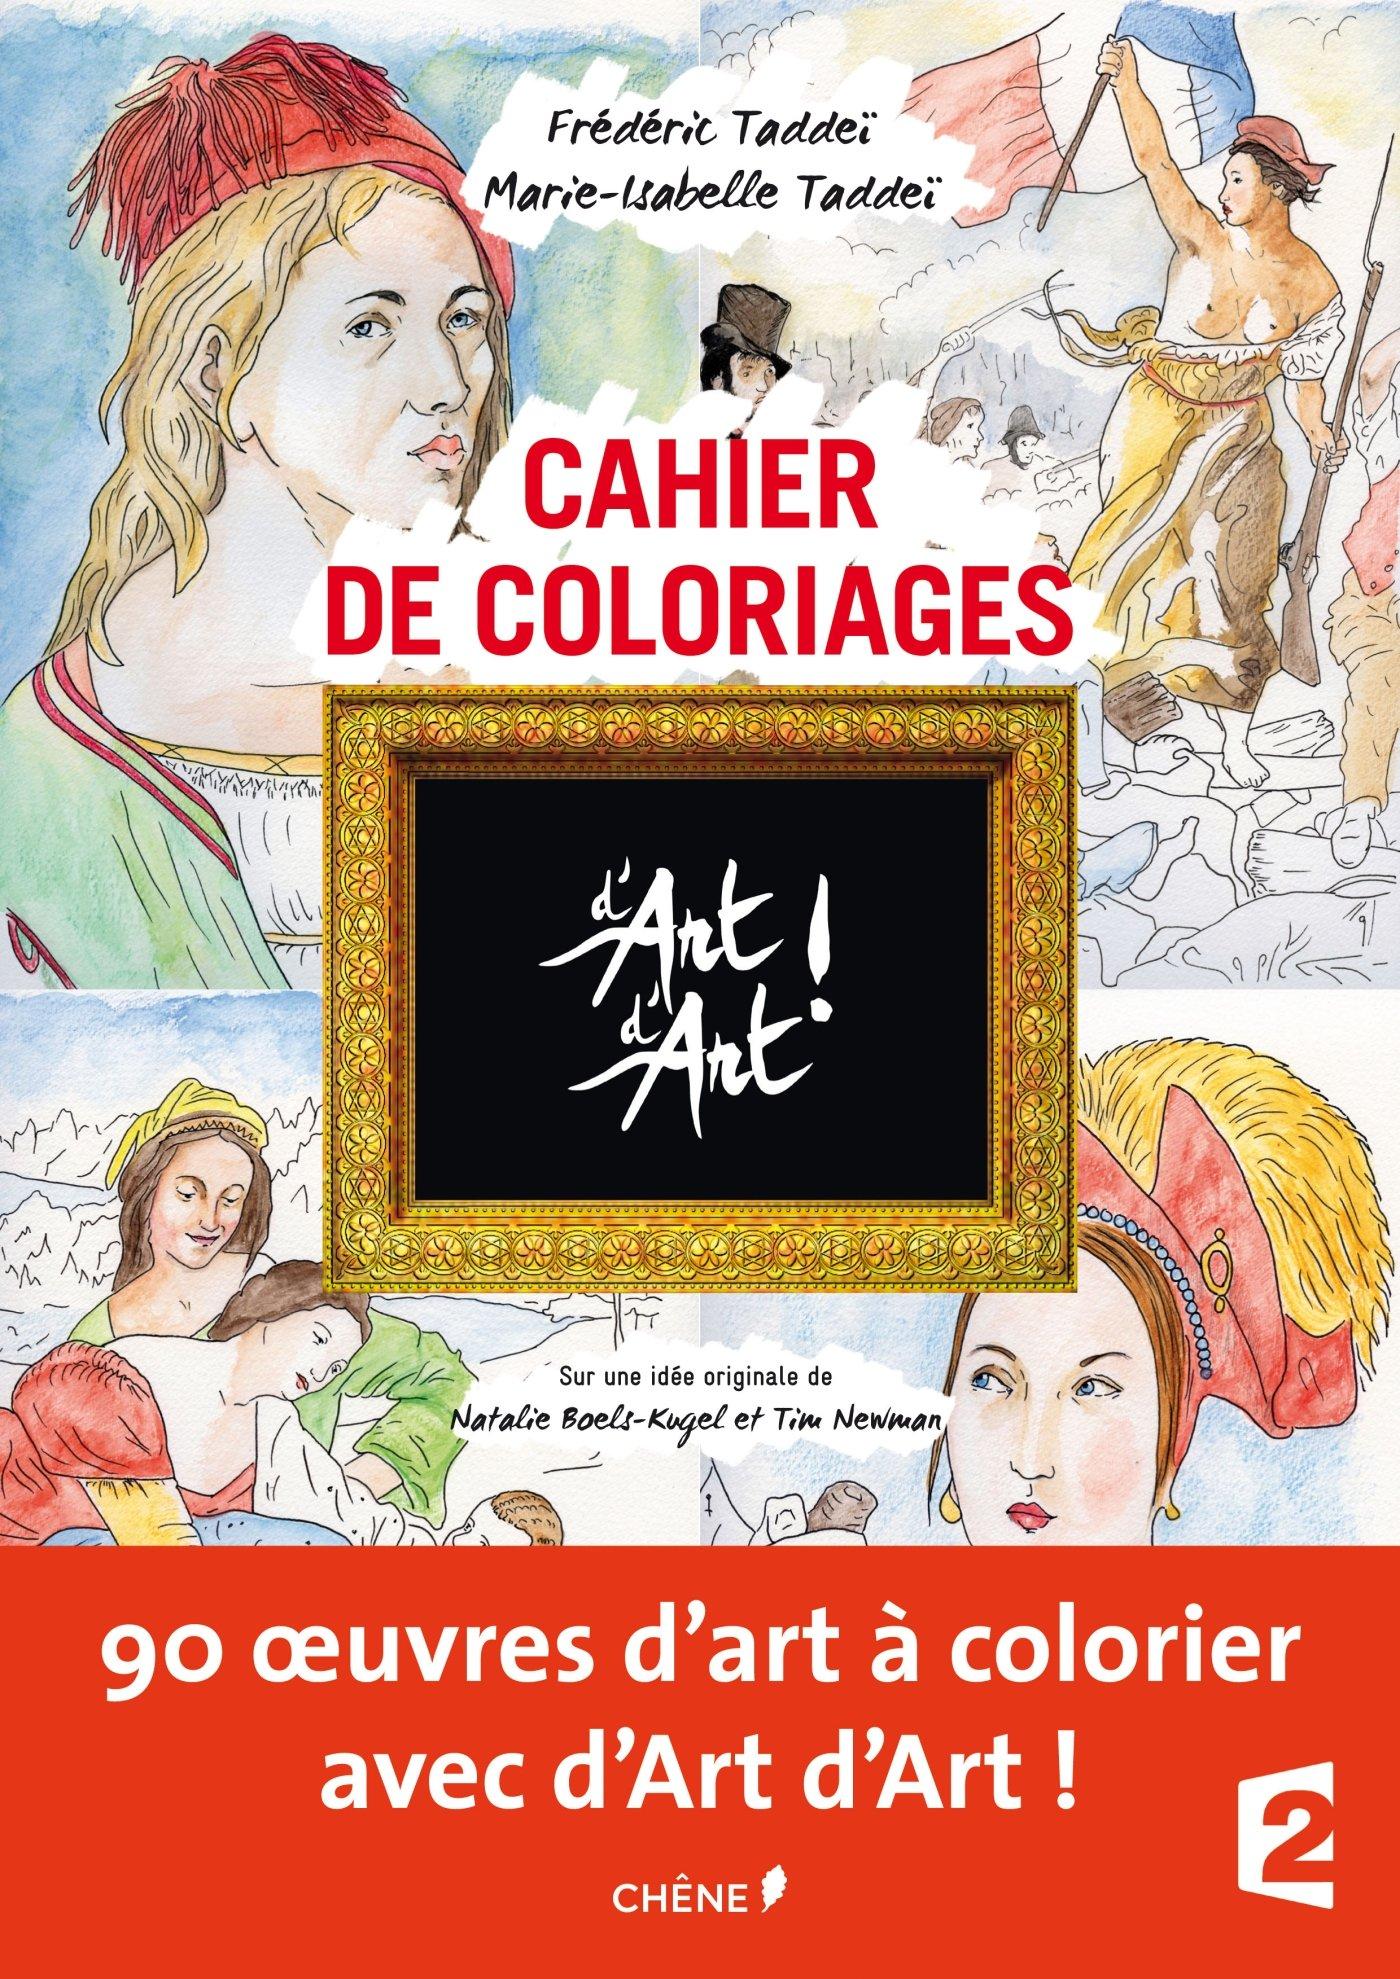 Amazon Cahier de coloriages d Art d Art Marie Isabelle Tadde¯ Frédéric Tadde¯ Livres